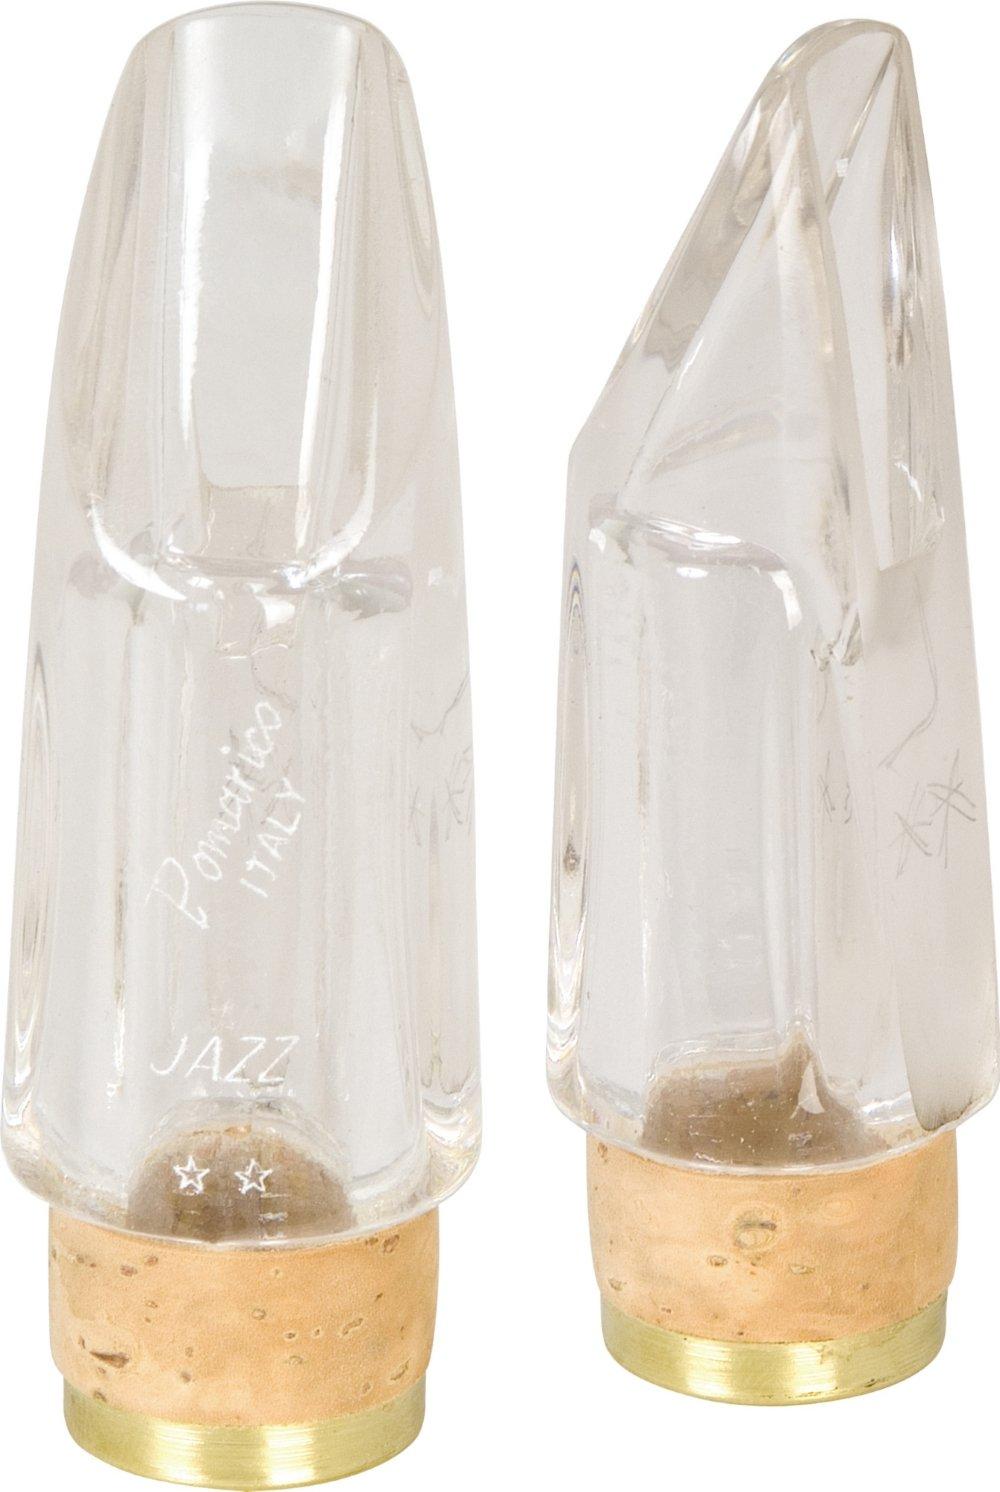 Pomarico Jazz Series Clarinet Mouthpiece Jazz Jazz CL C*